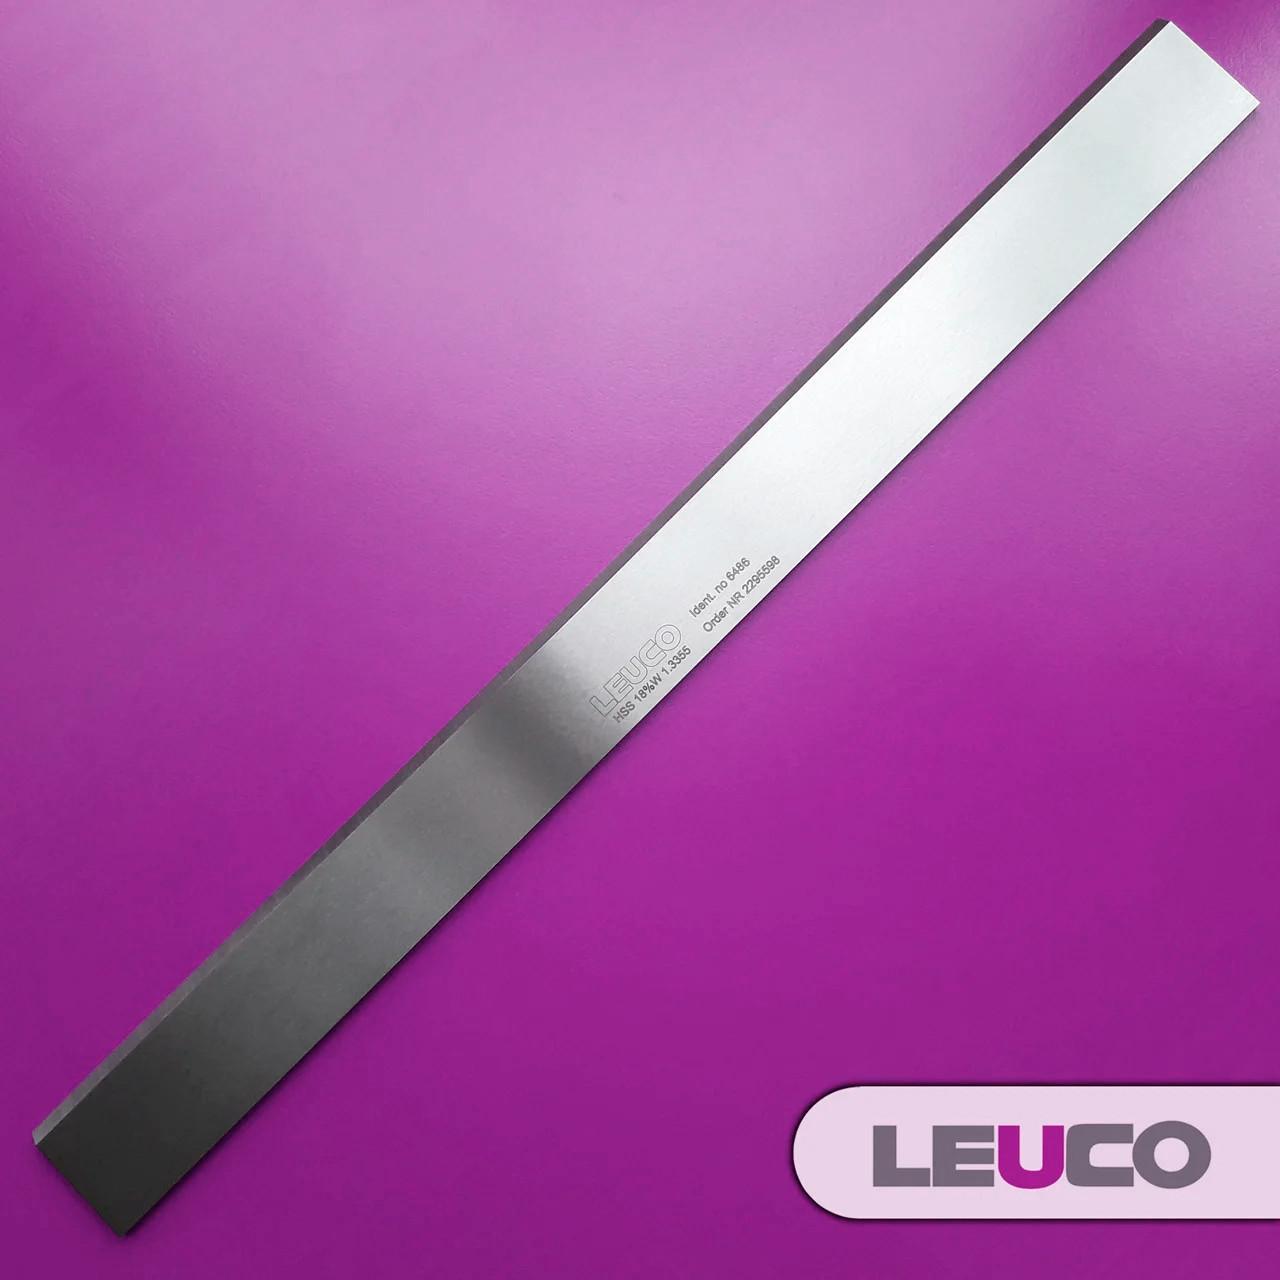 410х30x3 HSS 18% Строгальные (фуговальные) ножи Leuco для фуганков и рейсмусов